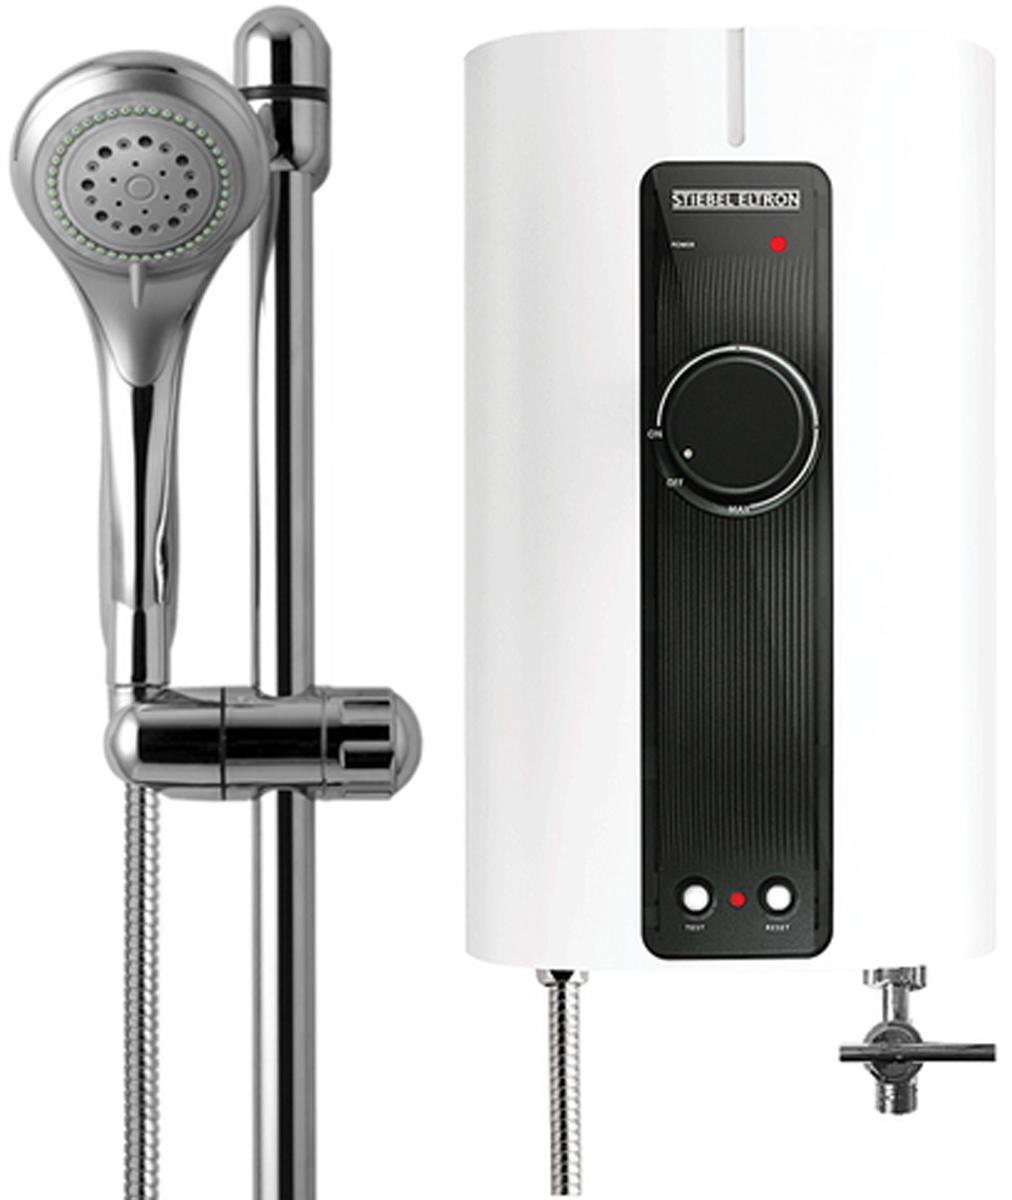 Stiebel Eltron IS 45 E-2 водонагреватель проточныйIS 45 EВодонагреватель электрический проточный Stiebel Eltron IS 45 E безнапорный, мощность 4500 ВтКак выбрать водонагреватель. Статья OZON Гид